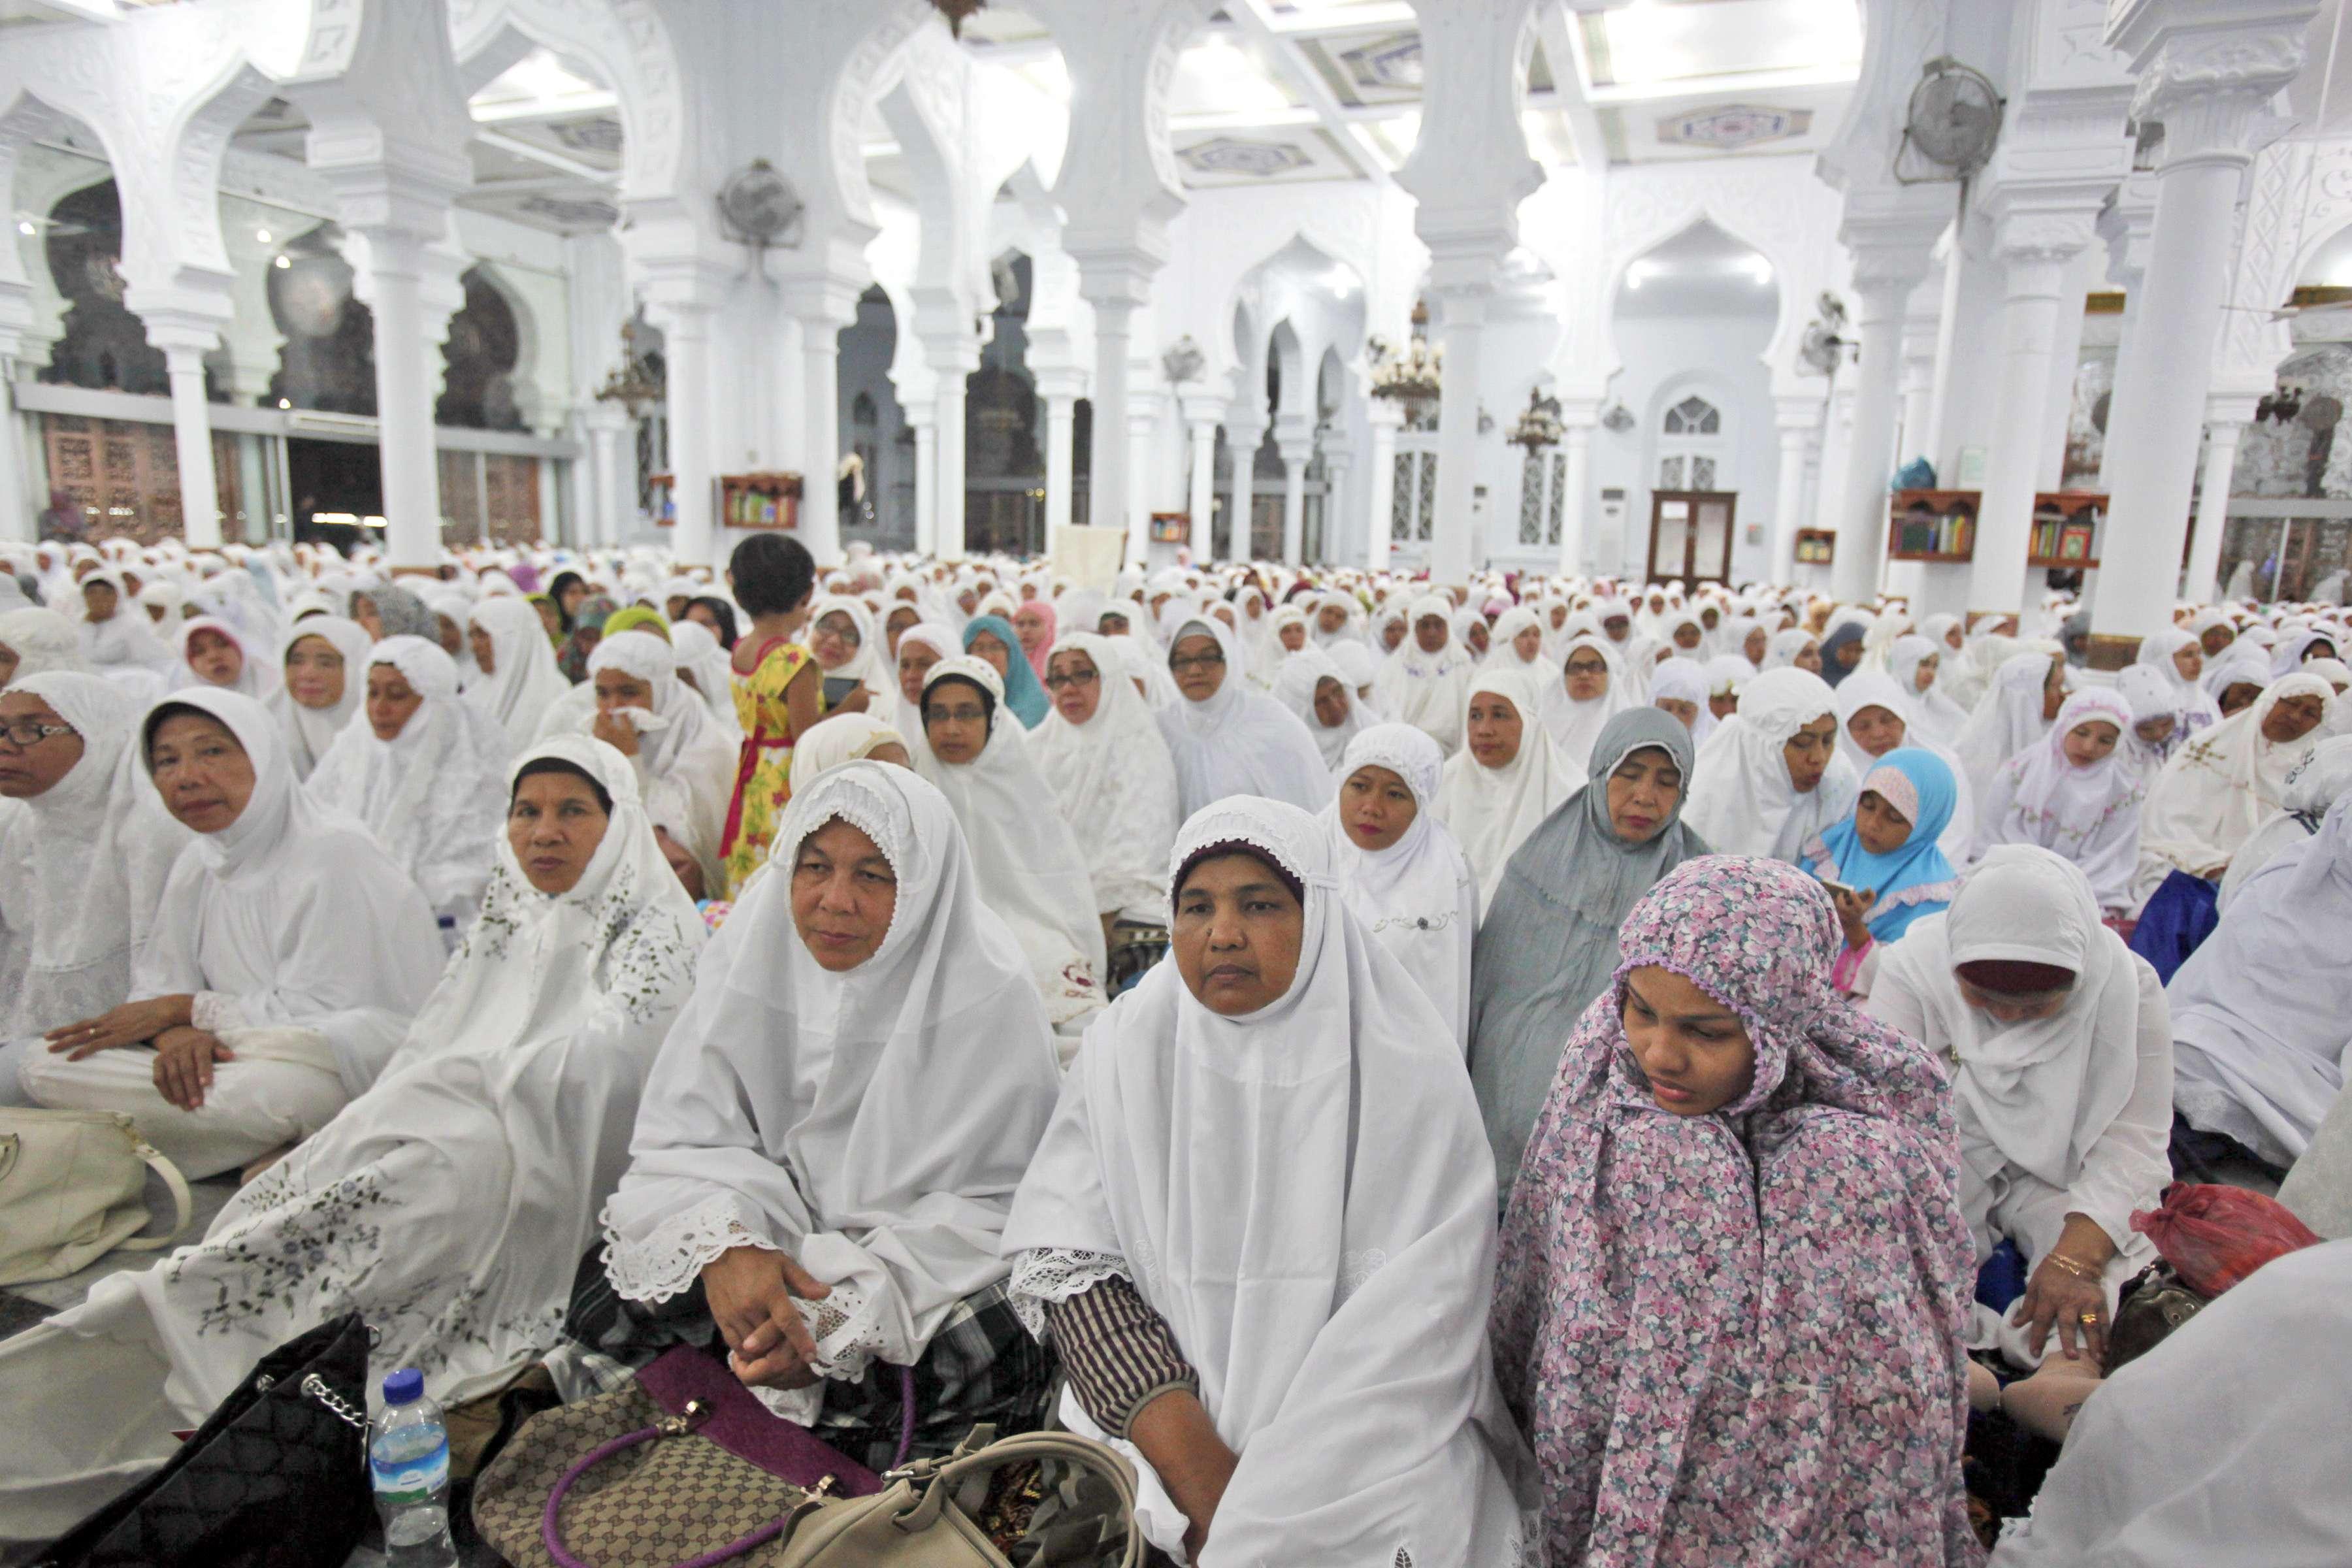 Milhares participam de oração em memória das vítimas do tsunami de 2004 na Grande Mesquita de Banda Aceh, na Indonésia, em 25 de dezembro Foto: Binsar Bakkara/AP